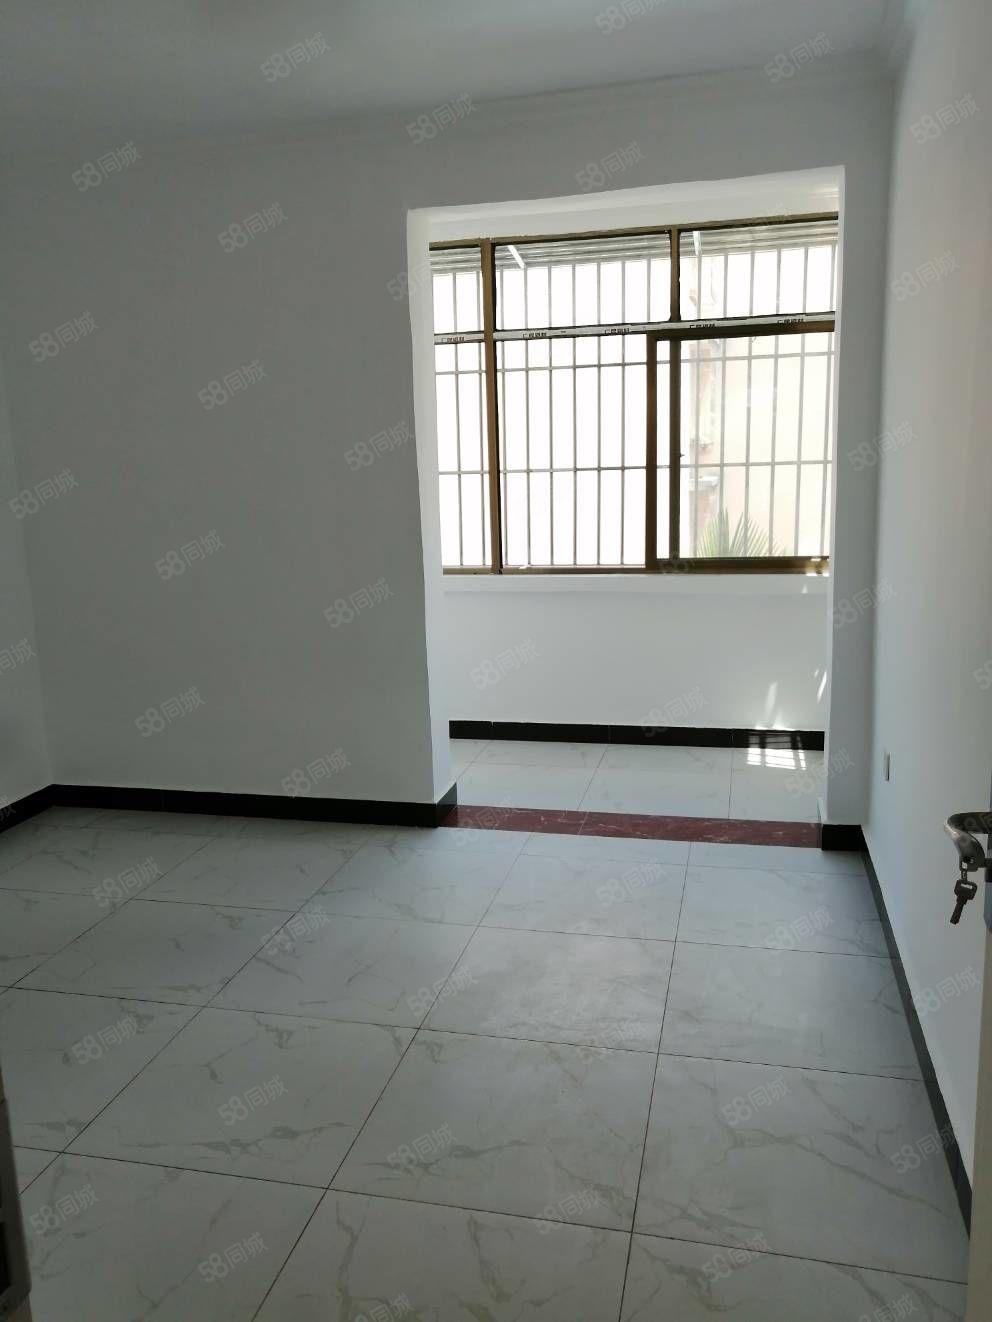 站长安园精装修65平米温馨2居室44万房东要求公积金贷款